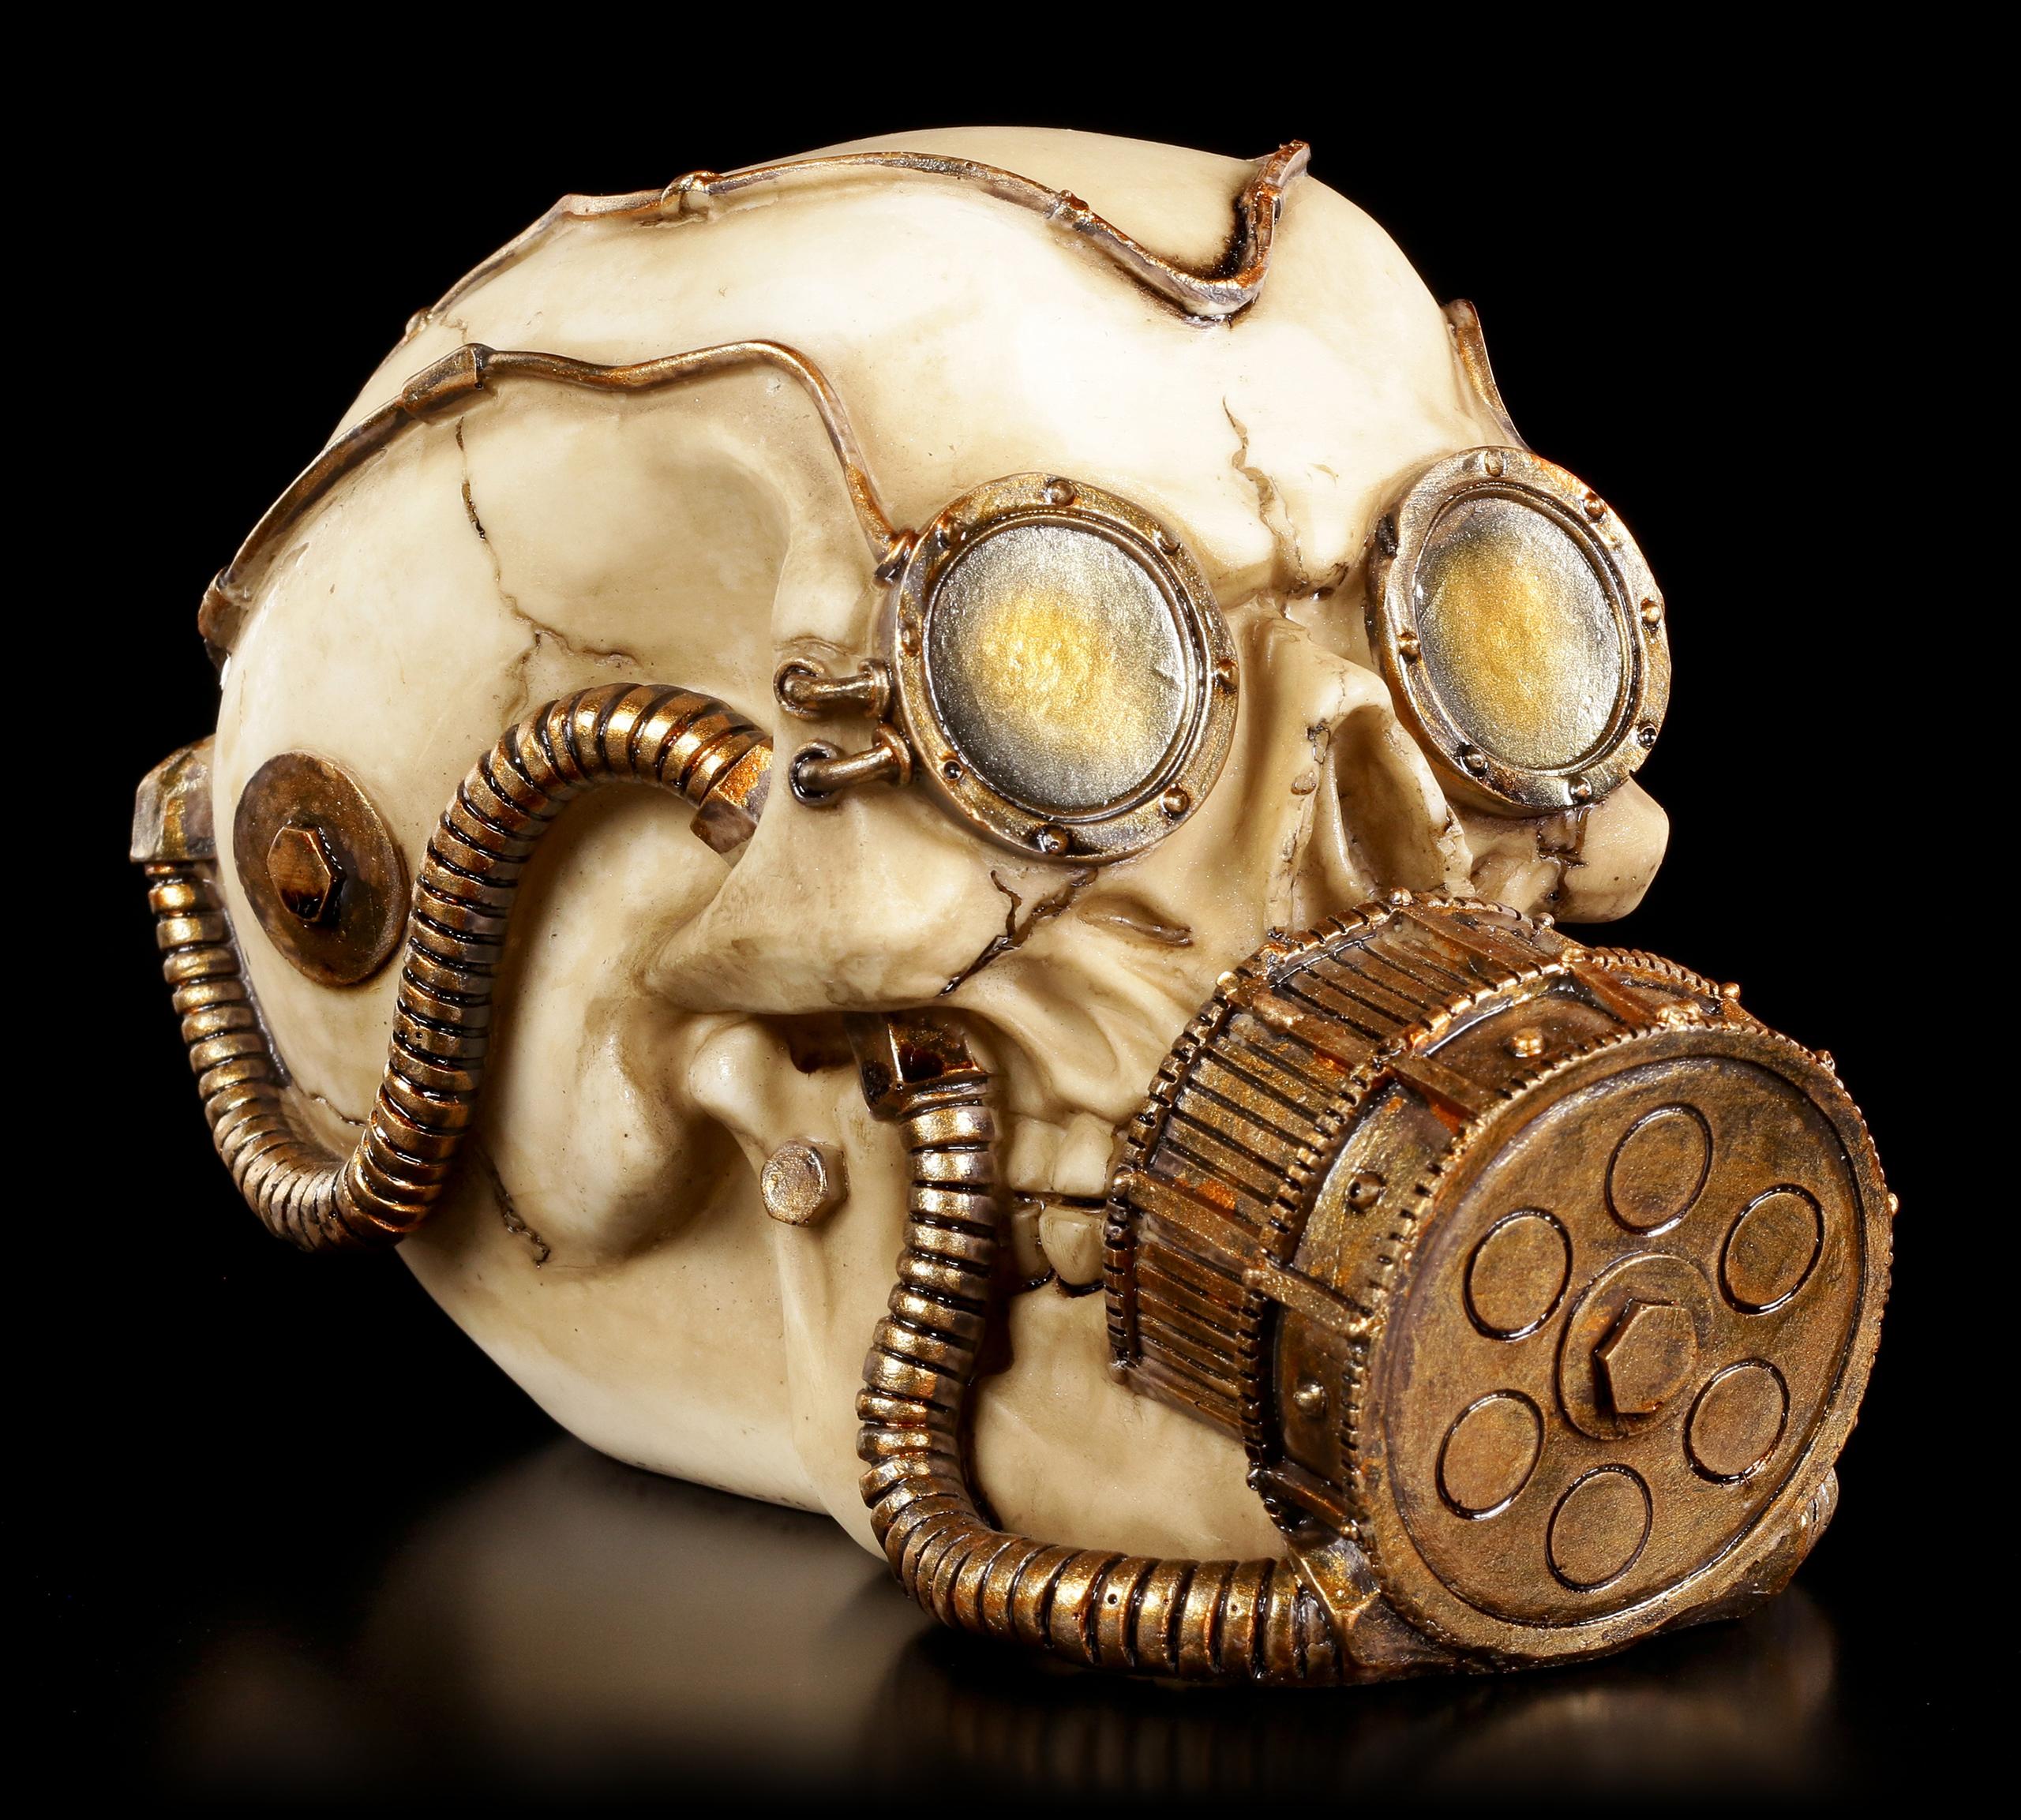 конструкции механический череп картинки является современным